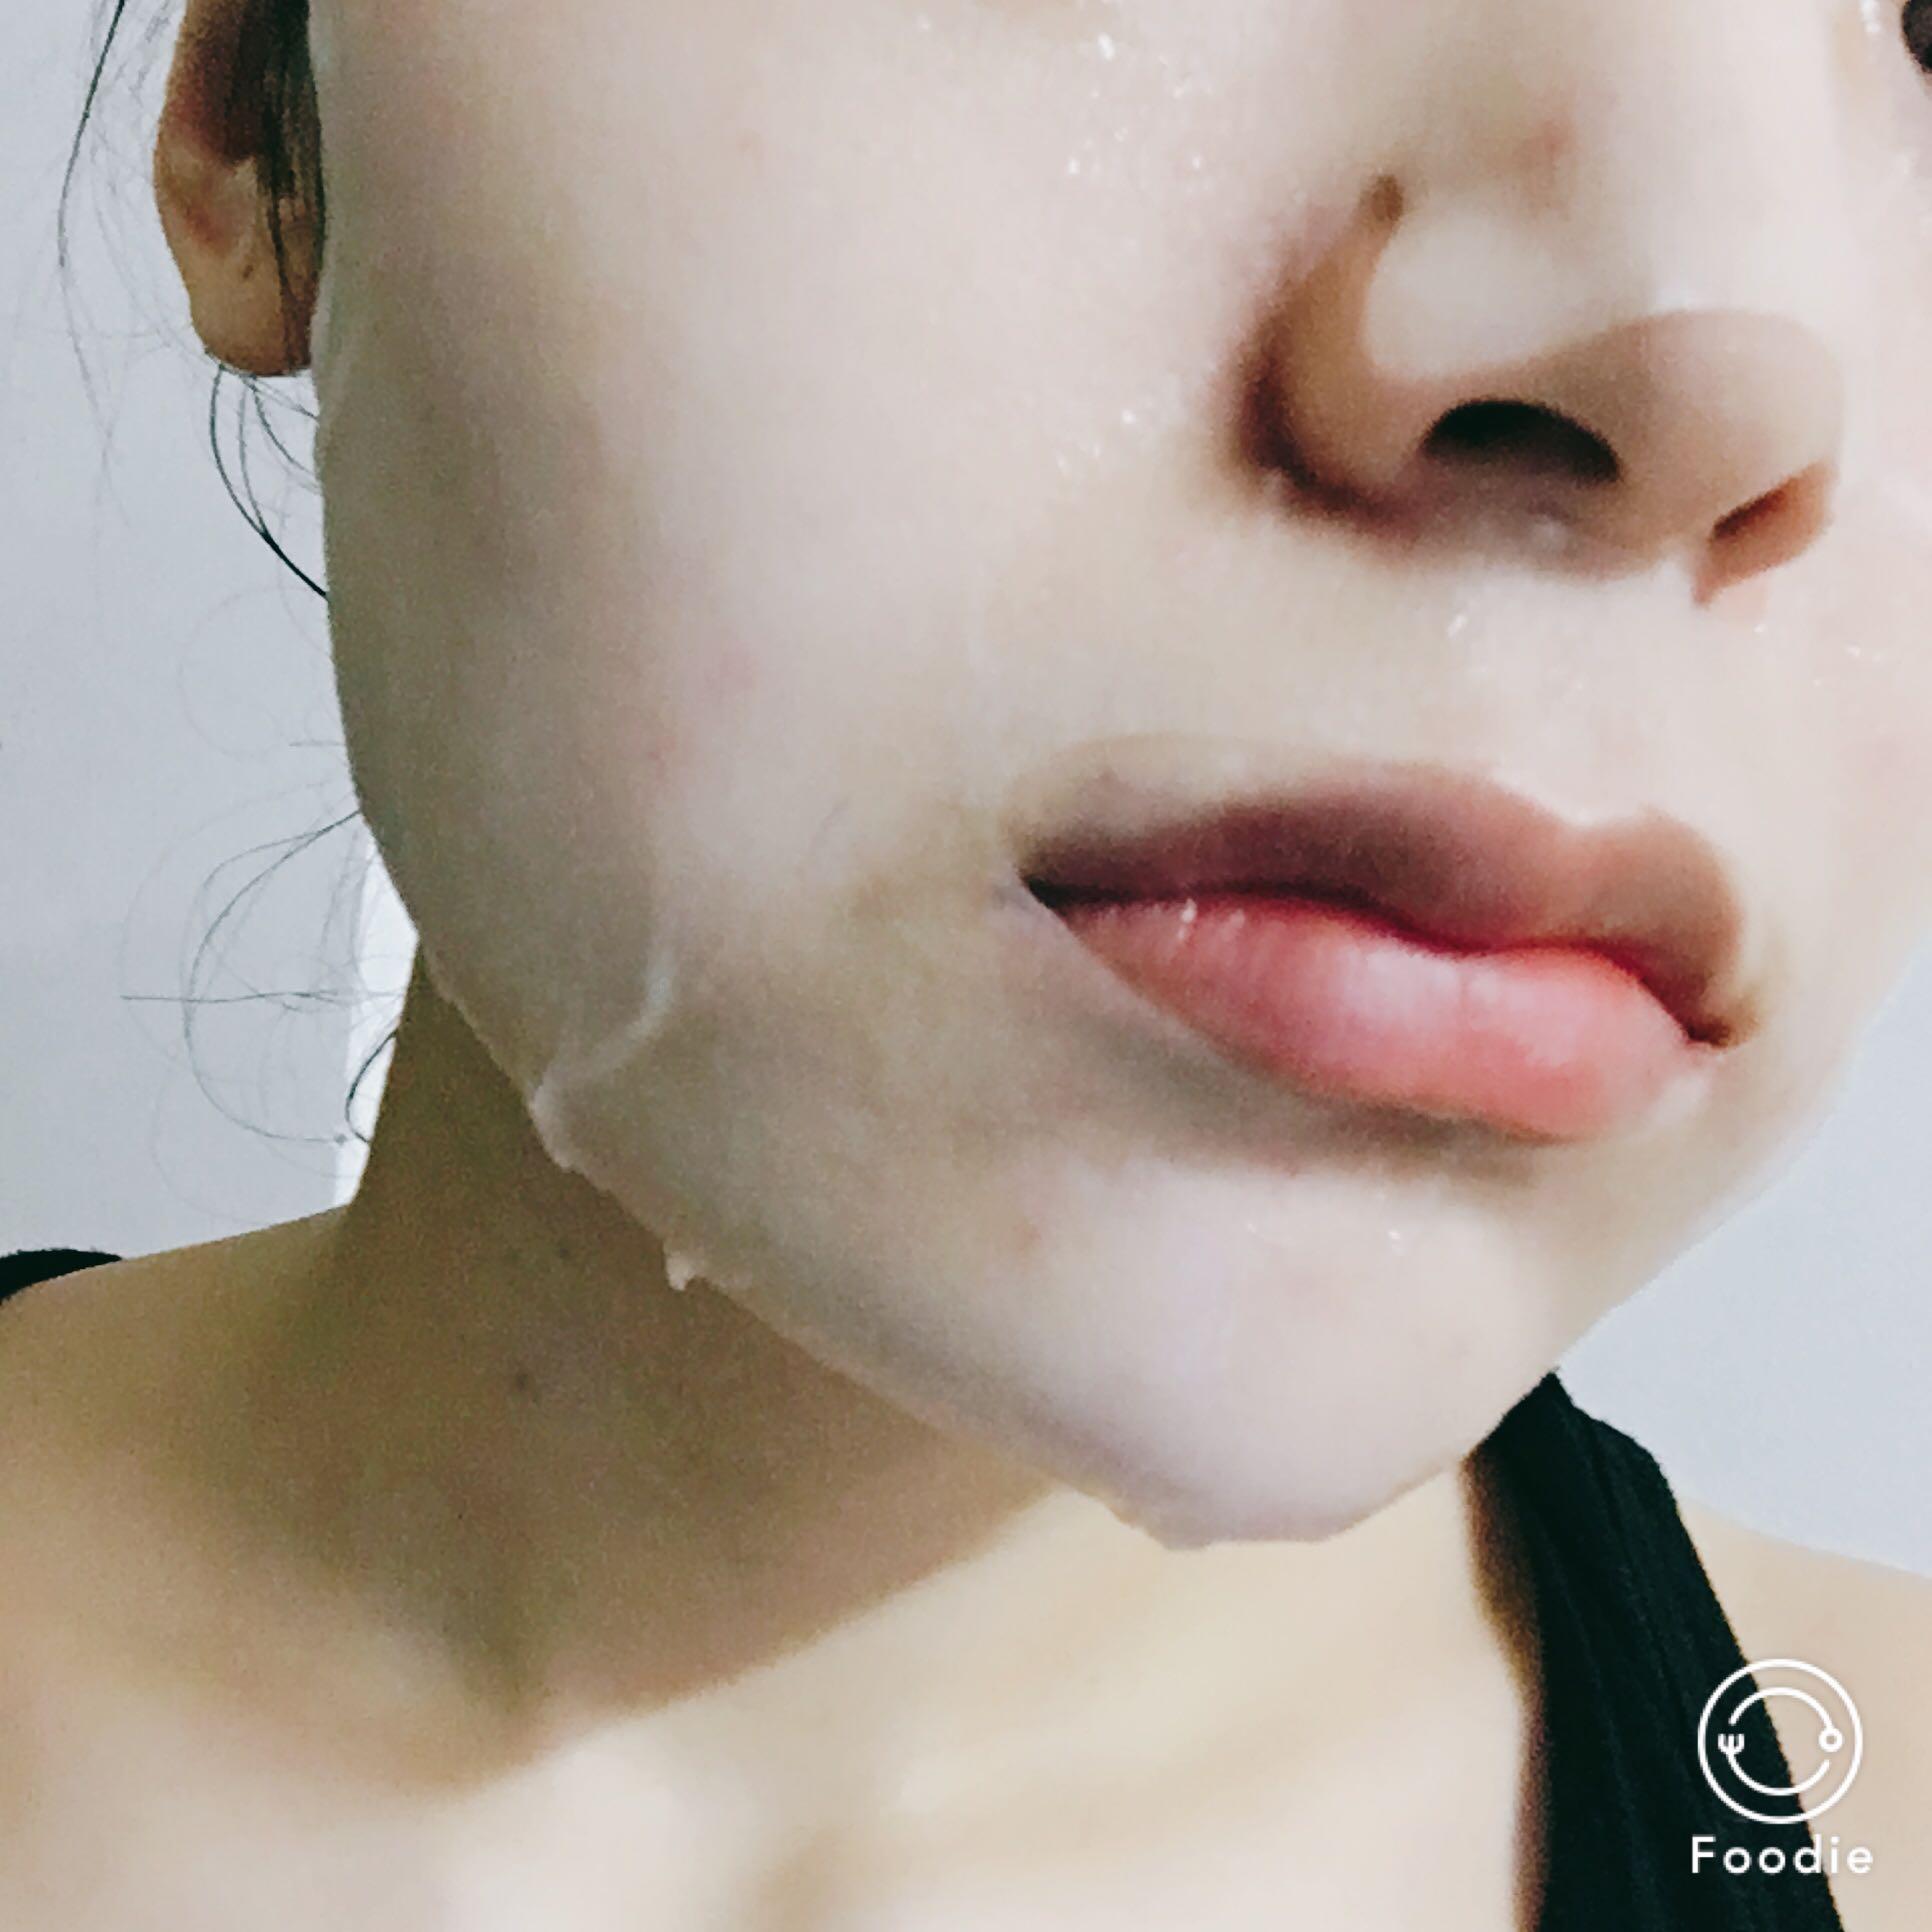 【1元U先体验】佰草集原生初肌固态精华面膜